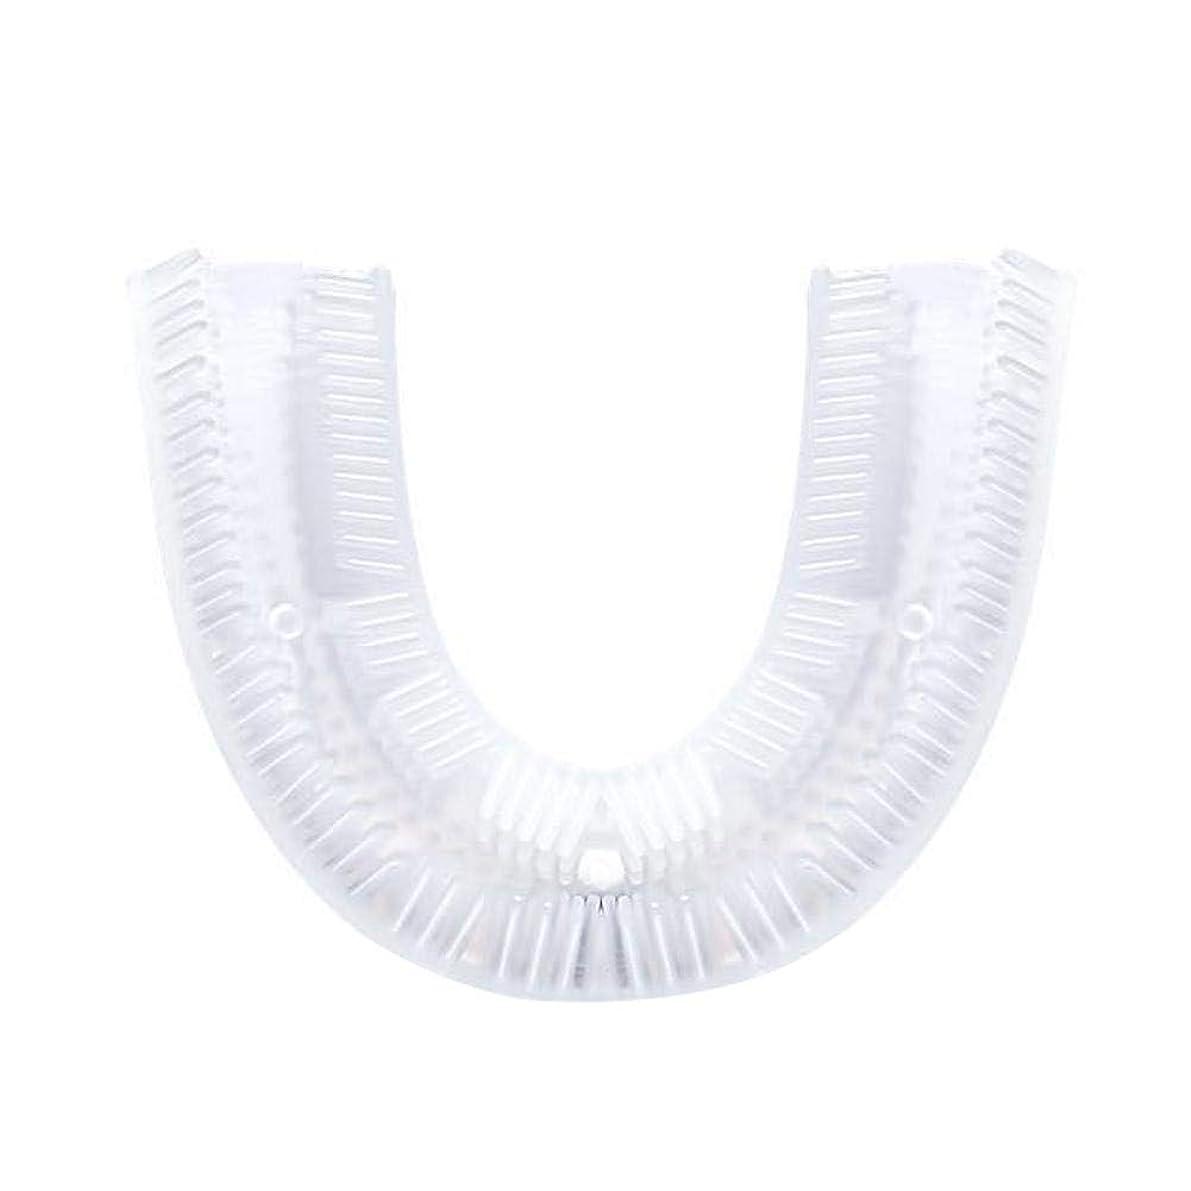 メアリアンジョーンズ溶ける太平洋諸島歯ブラシ電動、U字型シリコン歯ブラシ交換ヘッド、電動歯ブラシクリーニングブラシアクセサリー